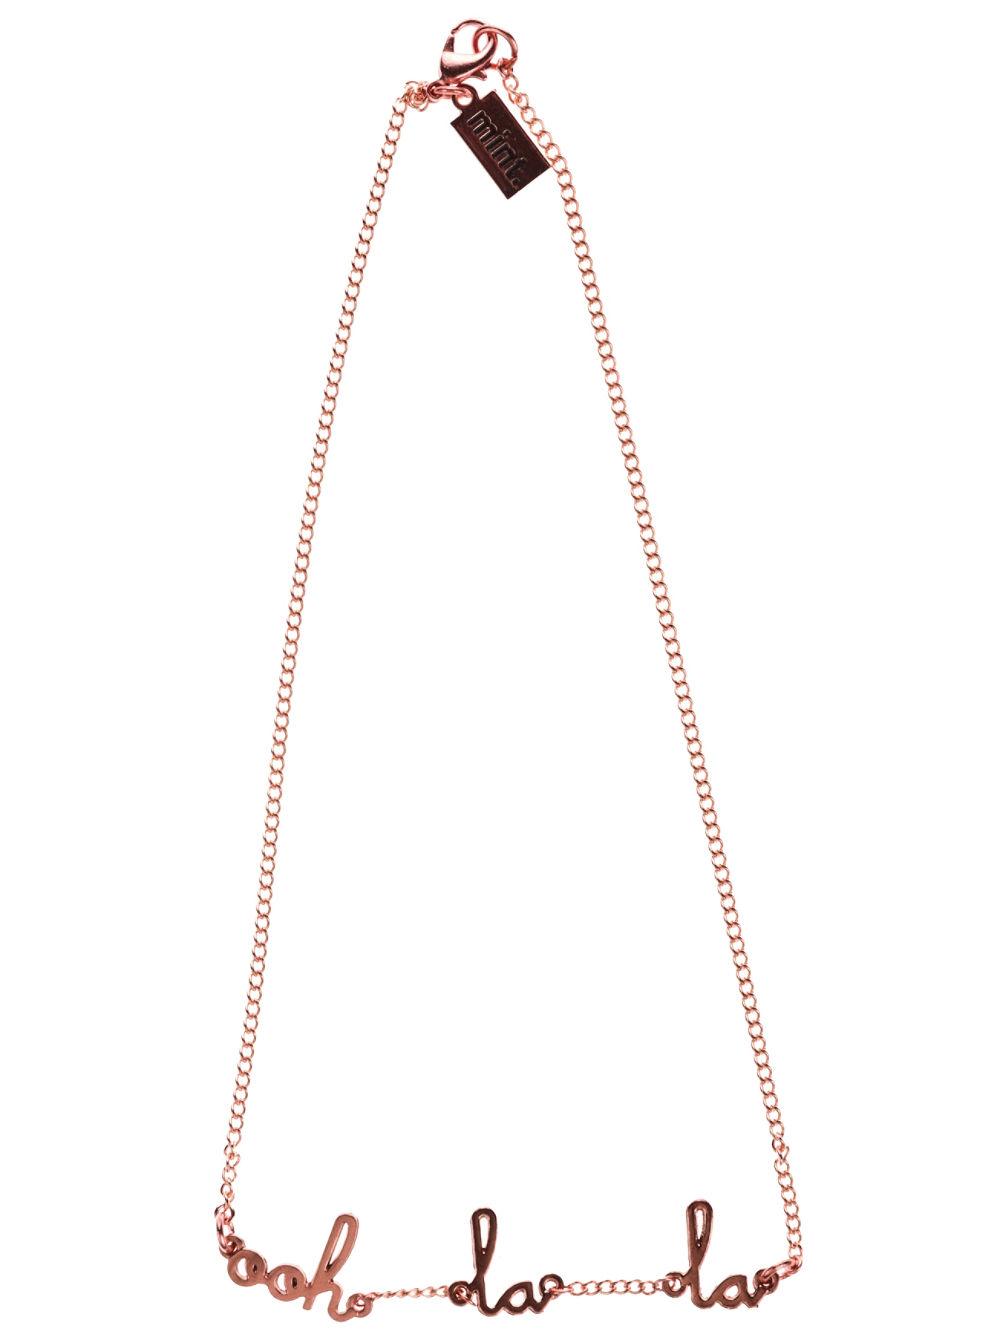 ooh-la-la-necklace